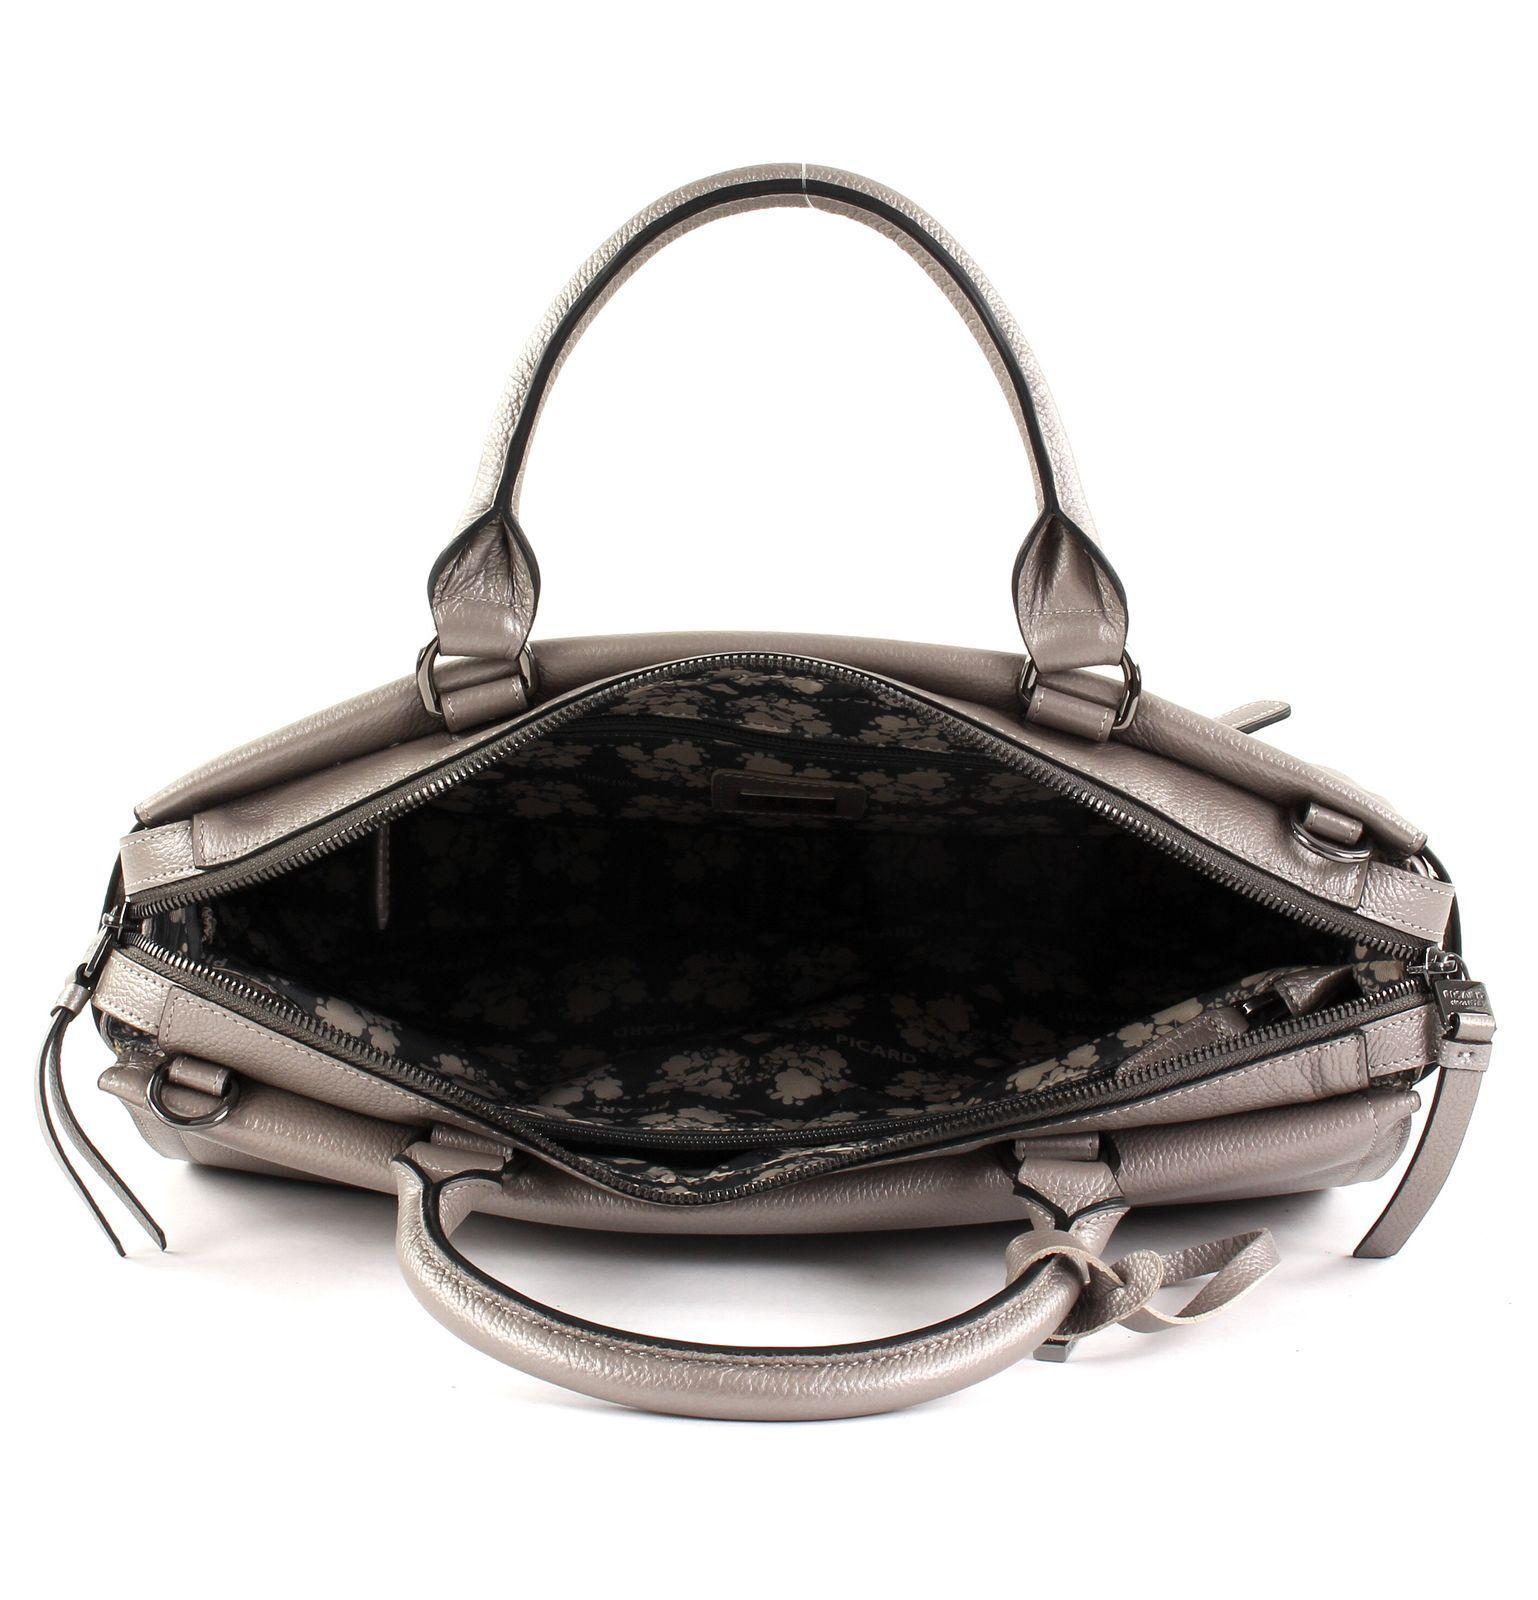 PICARD Lola Handbag Handtasche Bürotasche Bürotasche Bürotasche Schultertasche Tasche Altsilber Silber | Verkauf Online-Shop  | Sale Outlet  | Sehen Sie die Welt aus der Perspektive des Kindes  3370f2